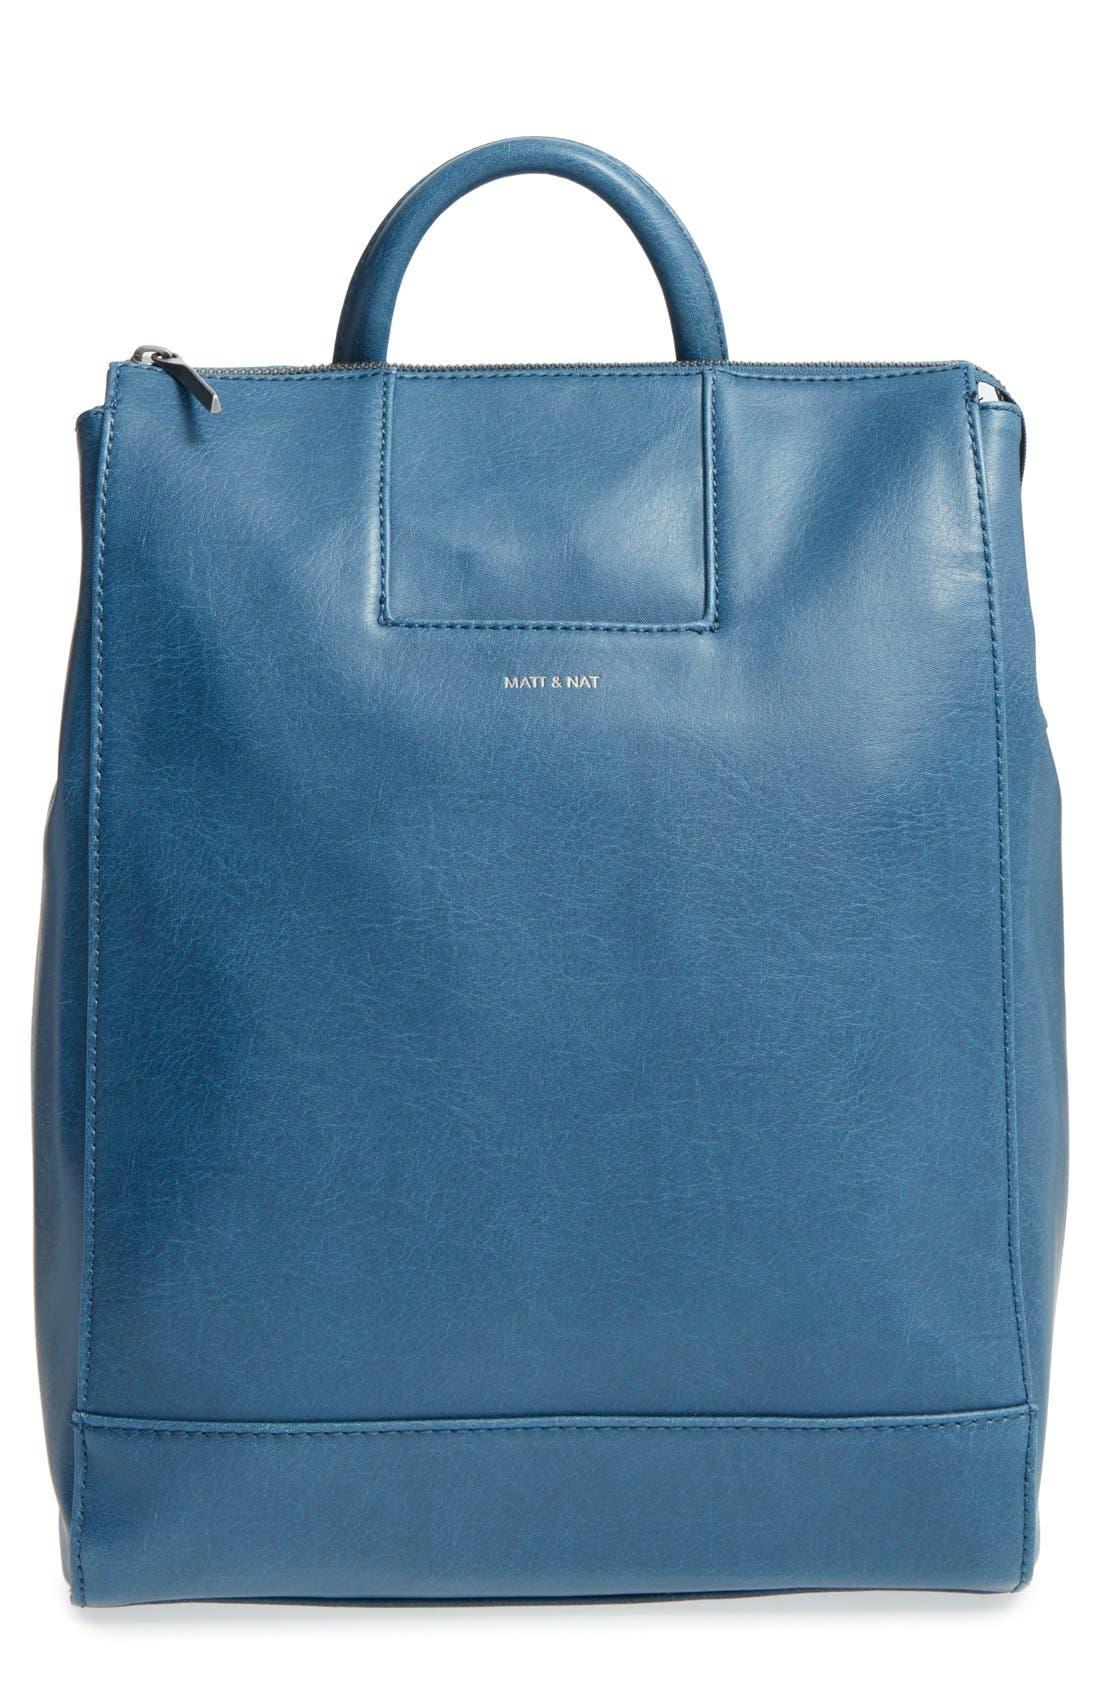 Main Image - Matt & Nat 'Katherine' Faux Leather Backpack